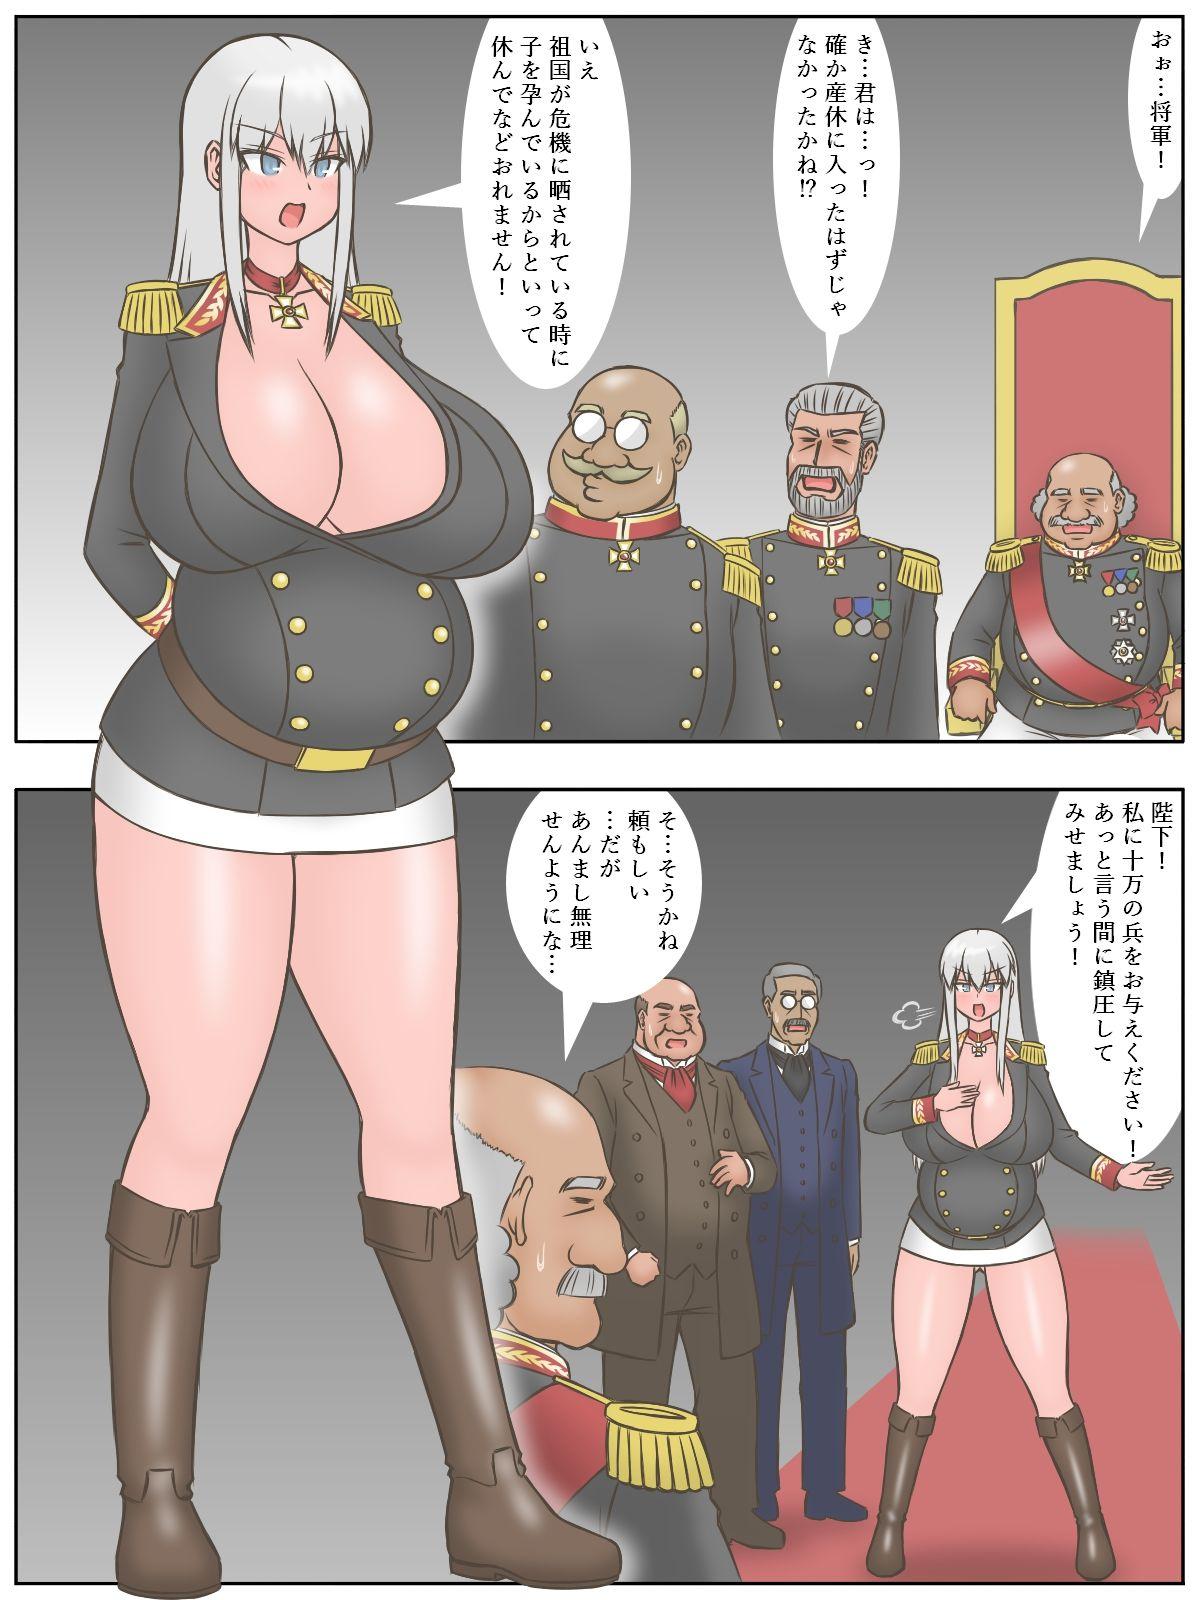 爆乳でボテ腹の女将軍が敵に捕らえられたら…